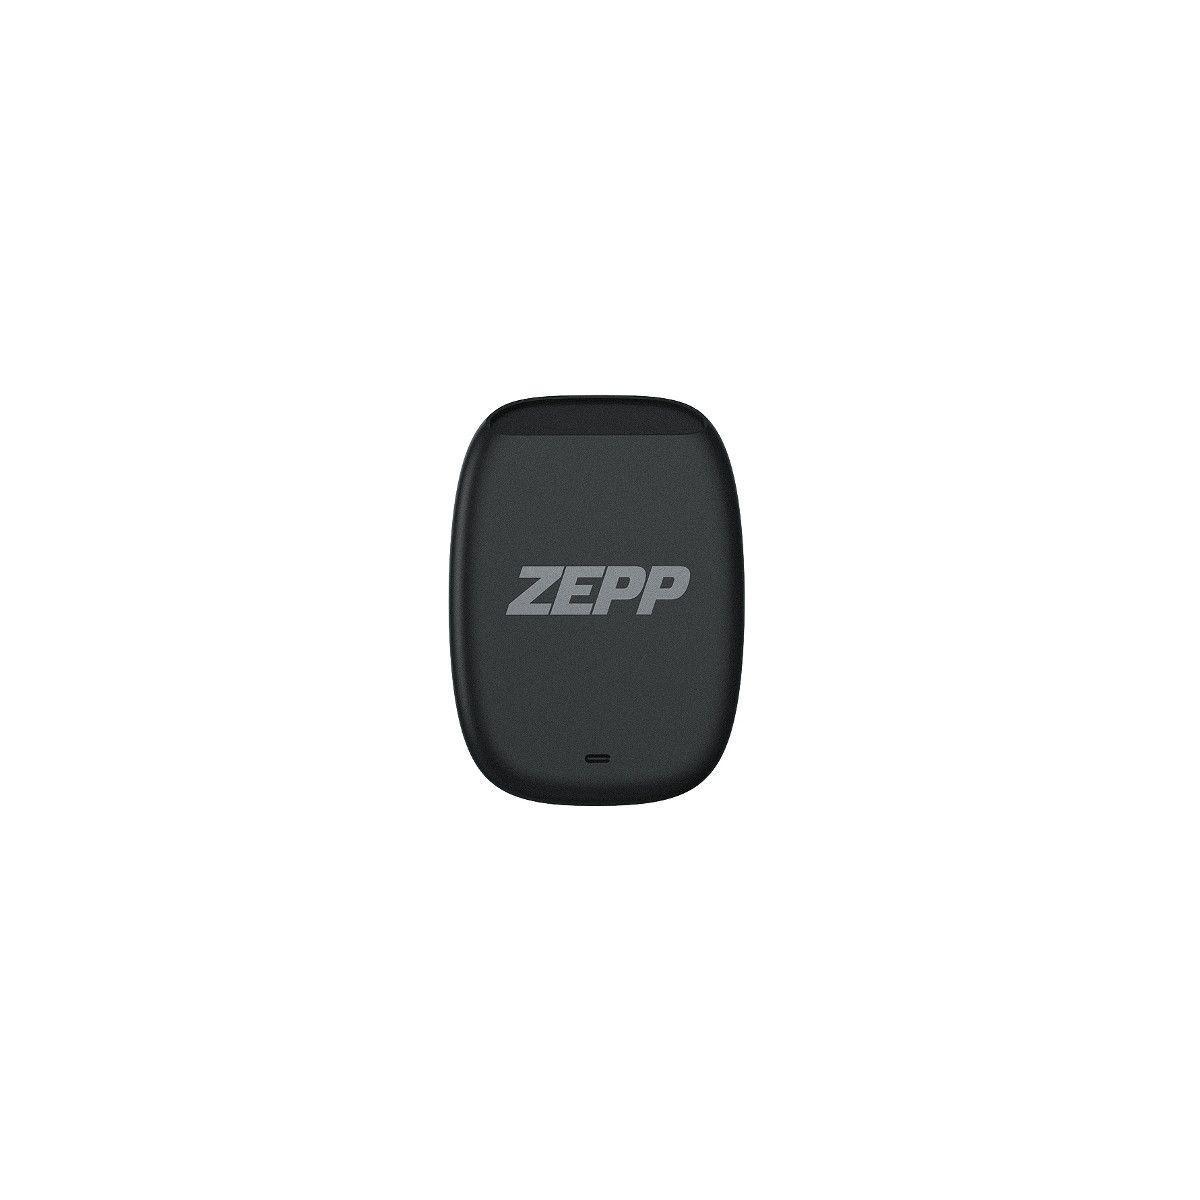 Capteur zepp zepp capteur de football - 10% de remise imm�diate avec le code : automne10 (photo)